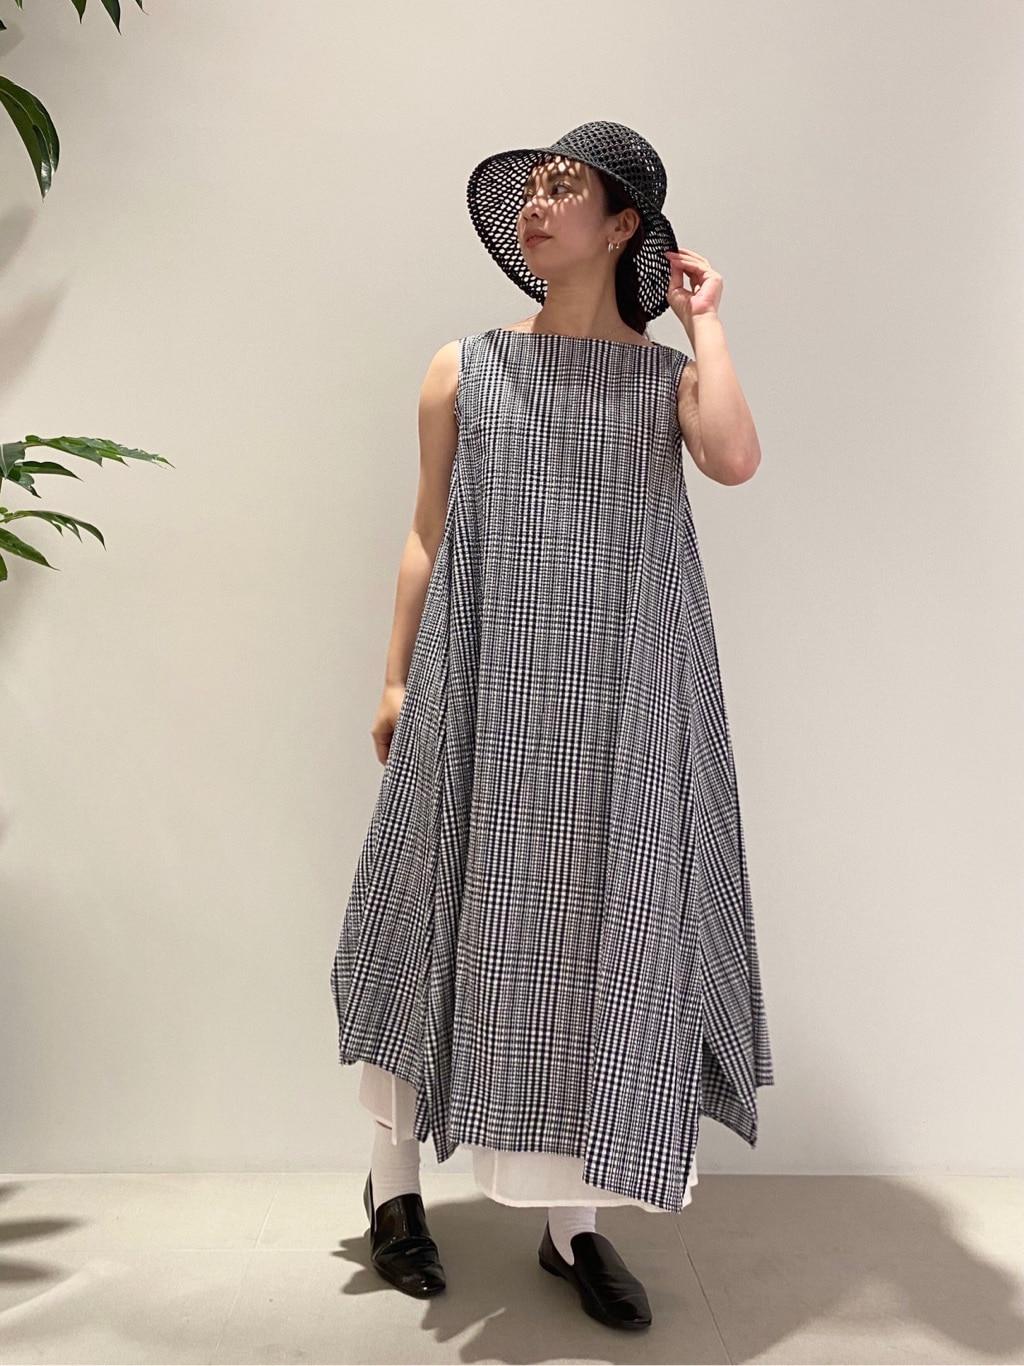 yuni 二子玉川ライズ 身長:154cm 2021.06.07